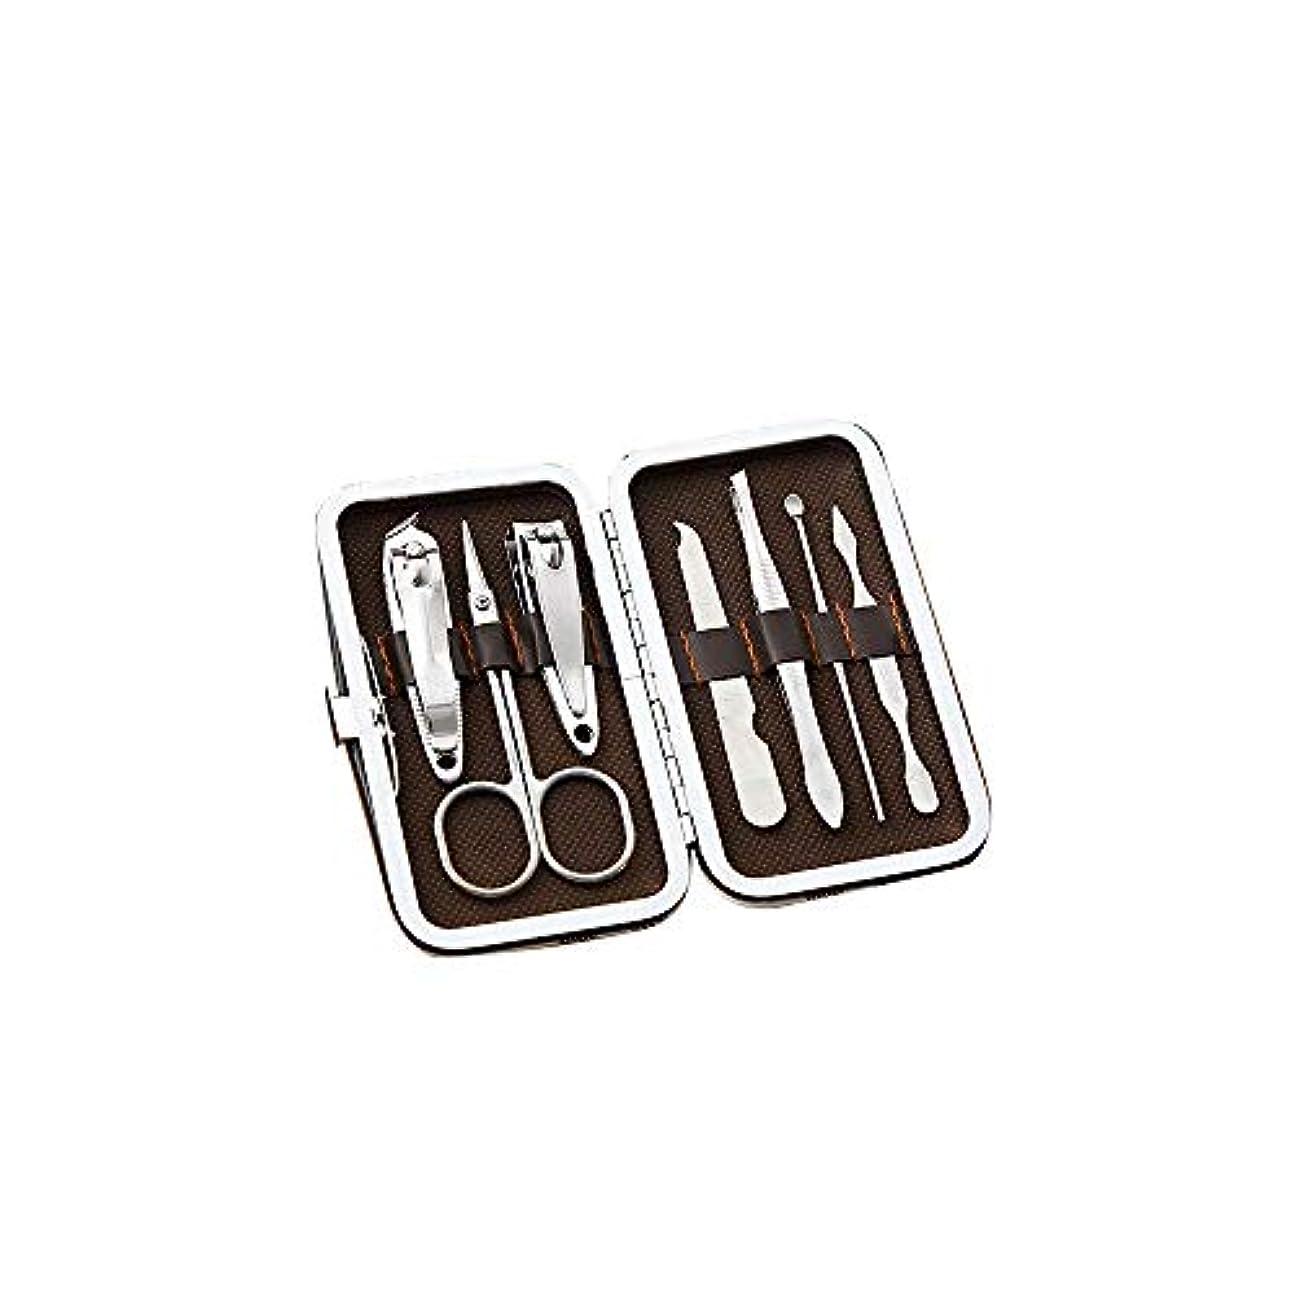 ベーシック聖歌送料美容ネイルツールセットステンレス爪切りセット携帯便利爪切りセットコーヒーグリッド、7点セット